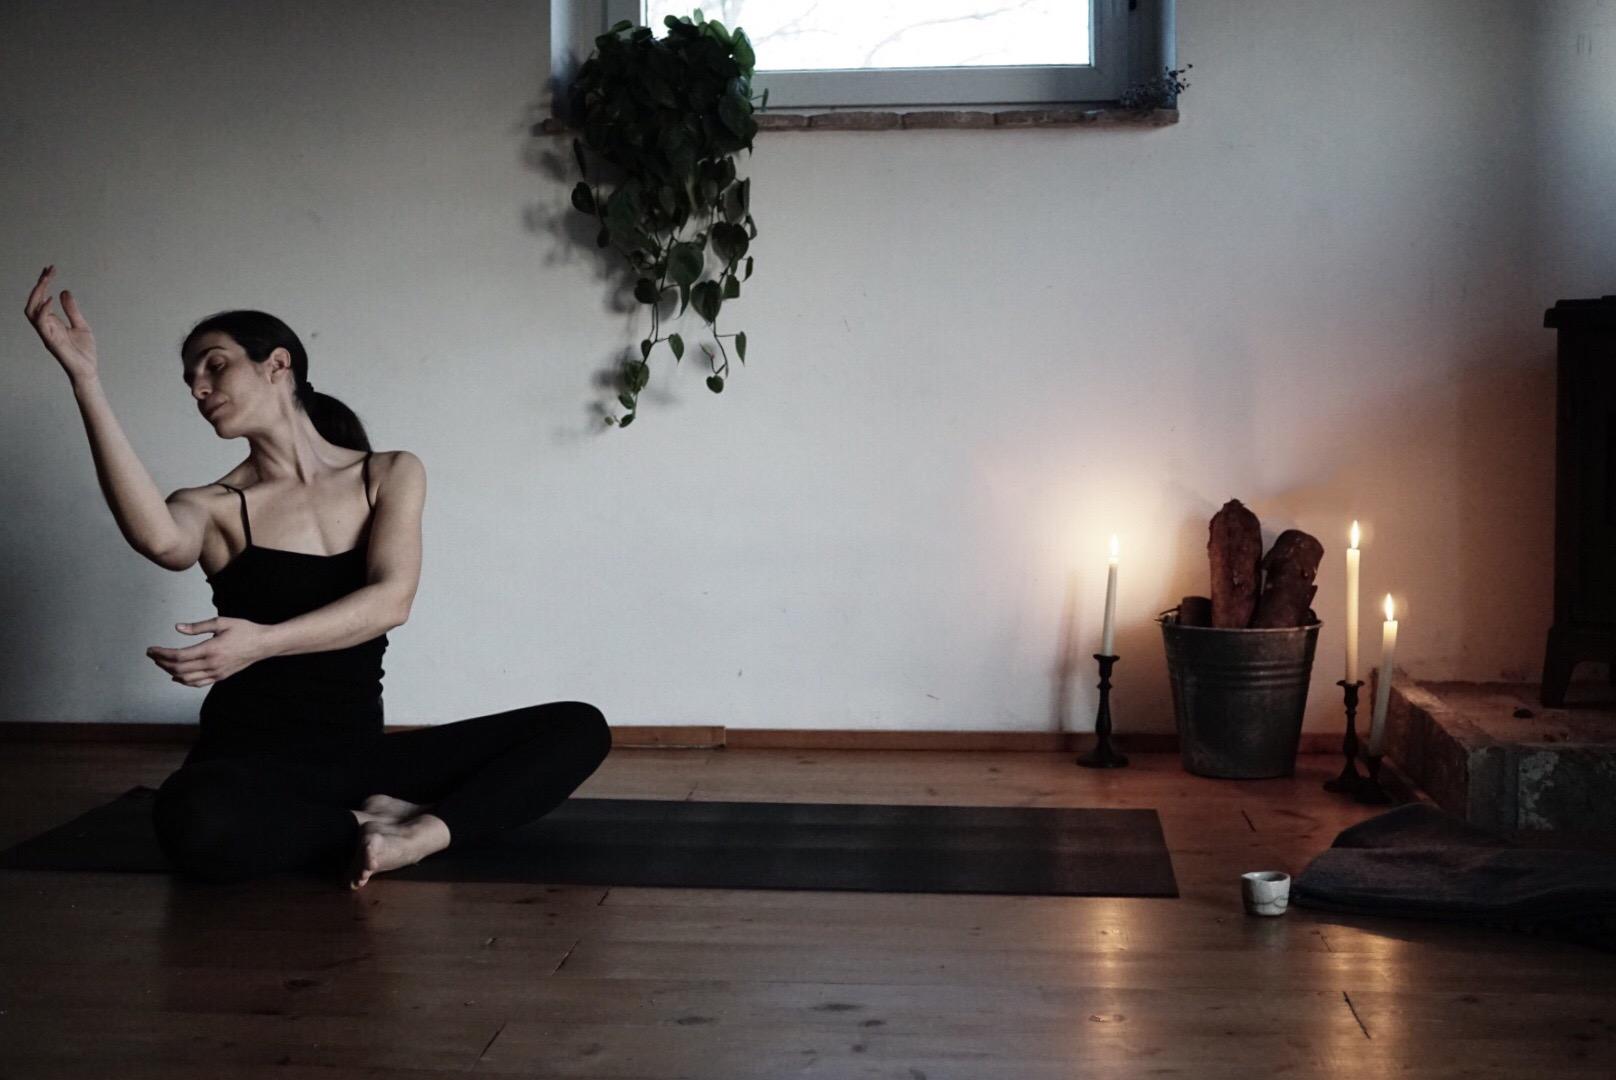 La Vita Yoga - la pratica yoga danza yoga